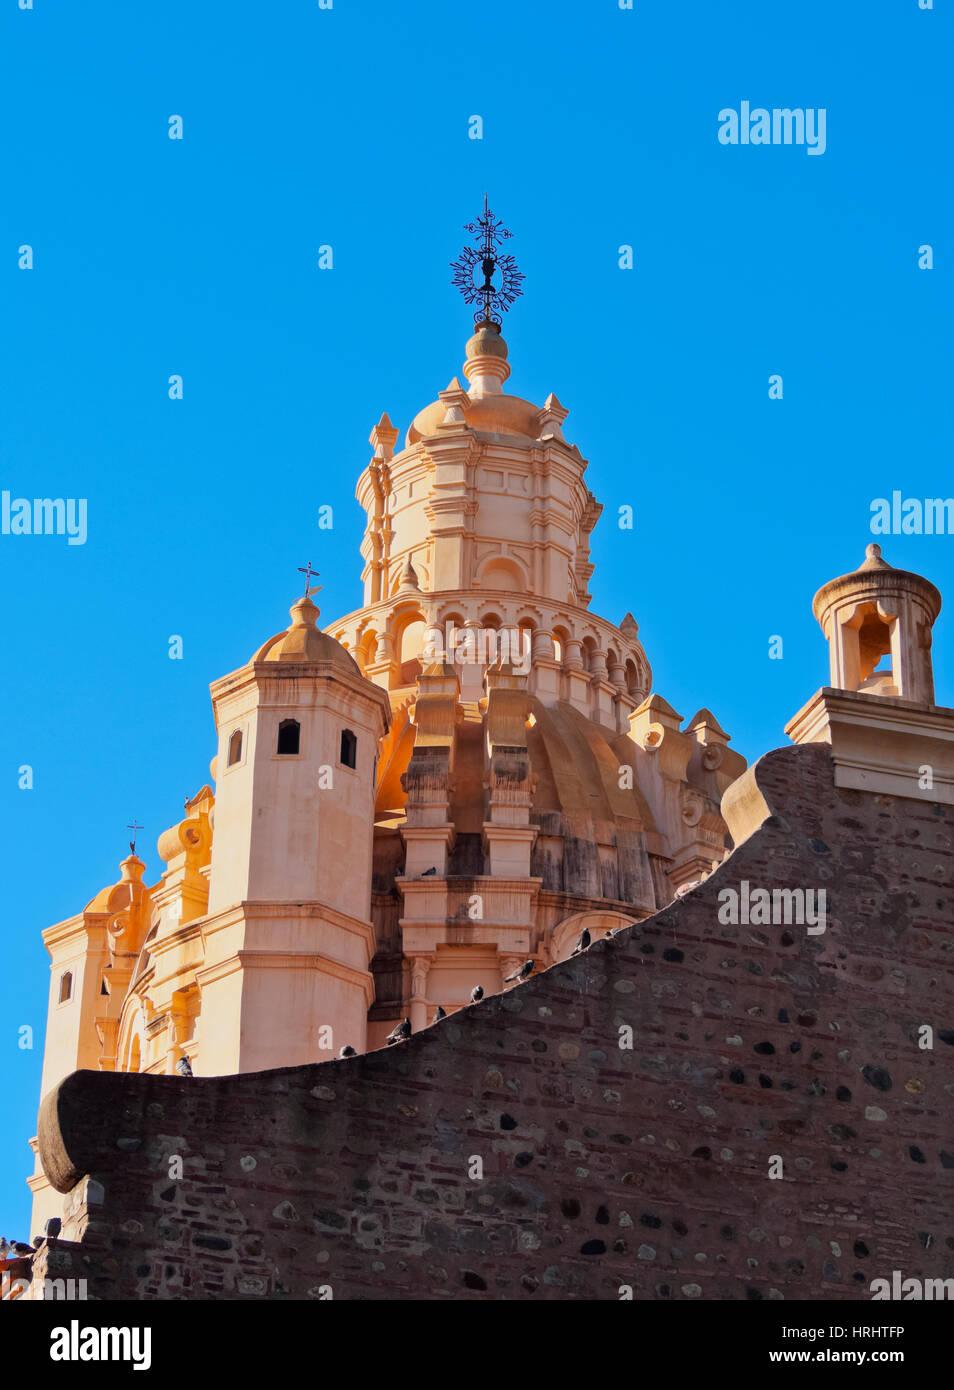 Detaillierte Ansicht der Kathedrale von Cordoba, Cordoba, Argentinien Stockbild